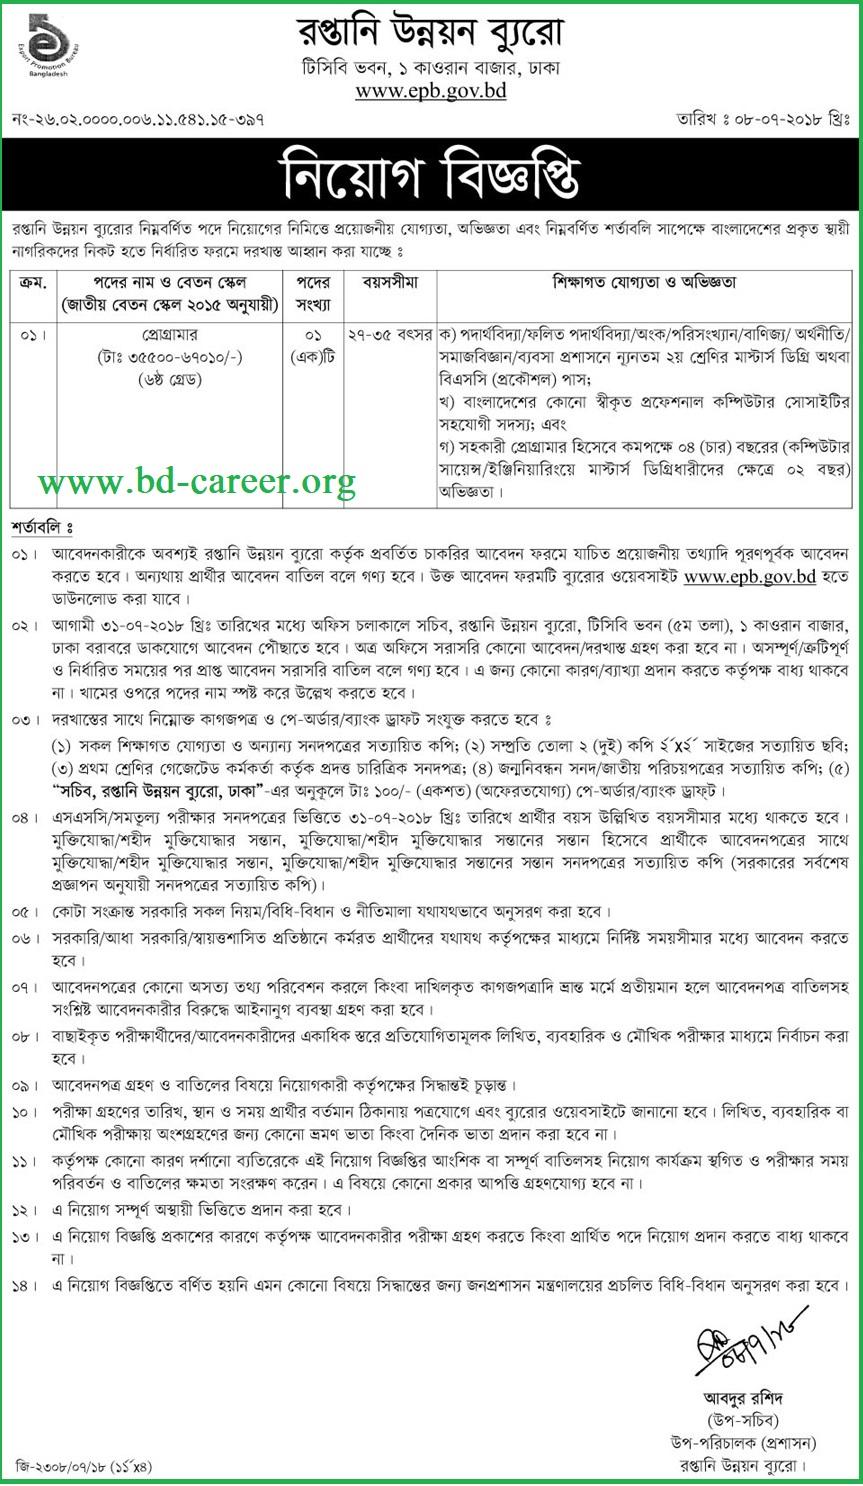 Bangladesh Export Promotion Bureau EPB Job Circular 2018